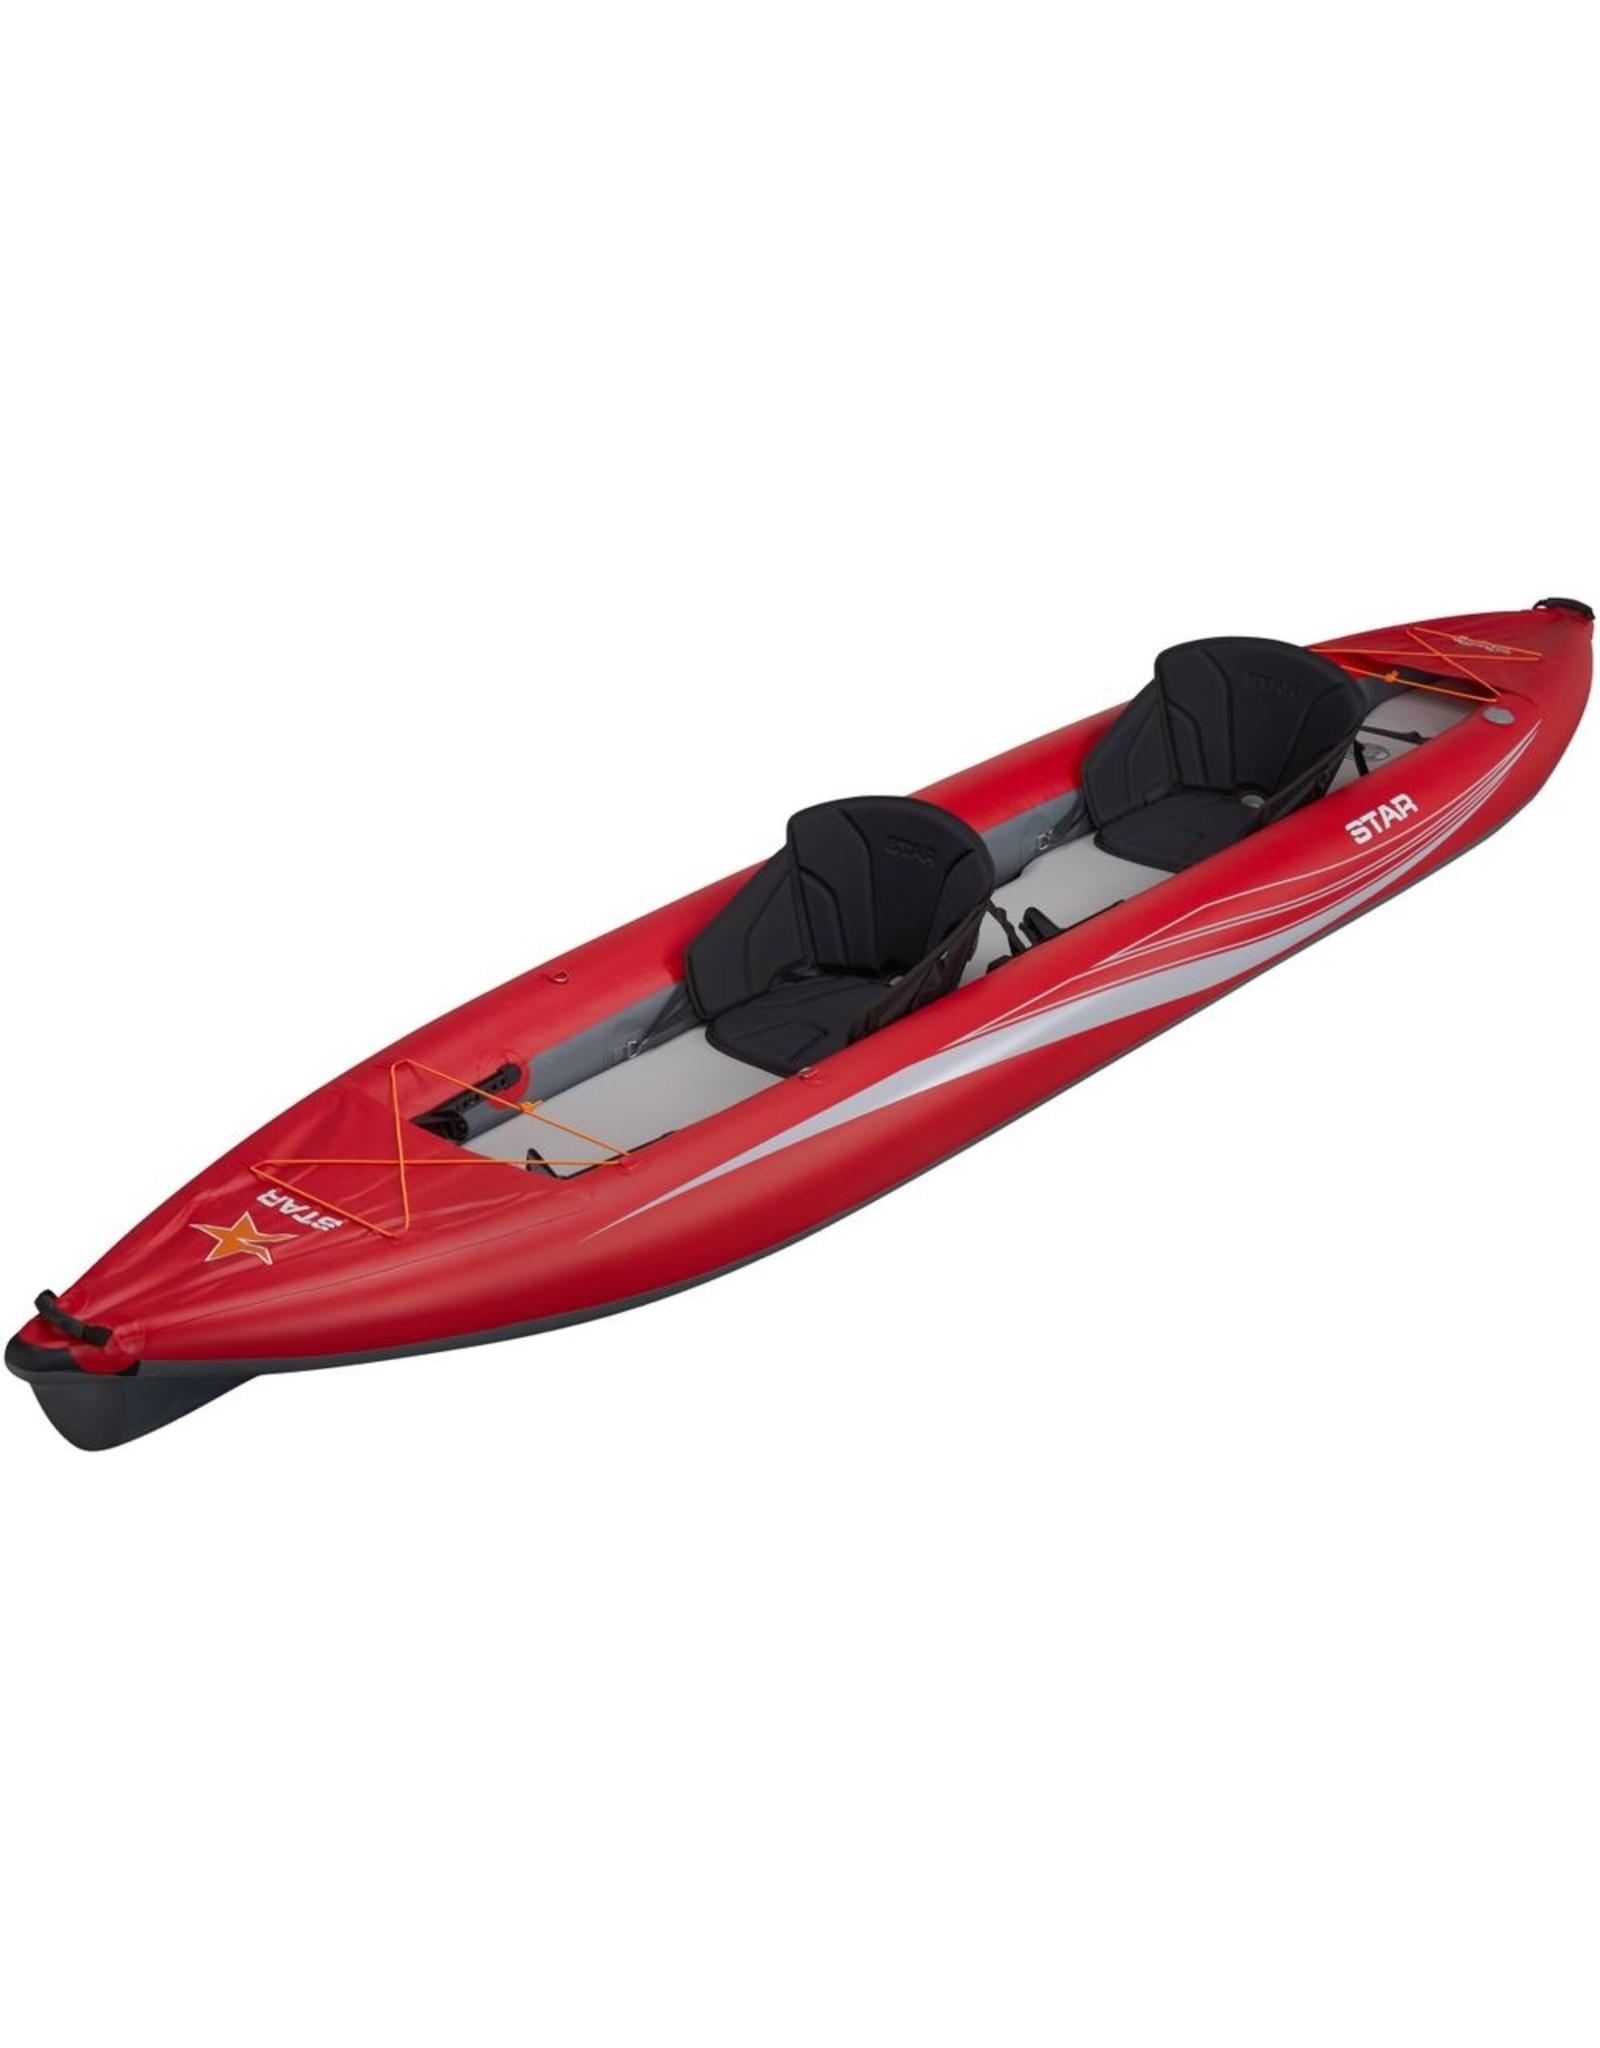 Star Star kayak Paragon Tandem gonflable rouge 2020